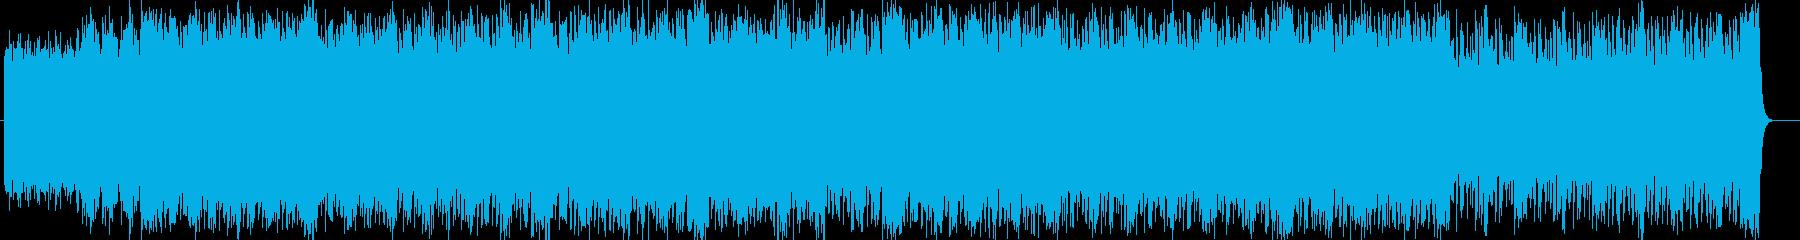 スピード感のあるシンセサイザーサウンドの再生済みの波形